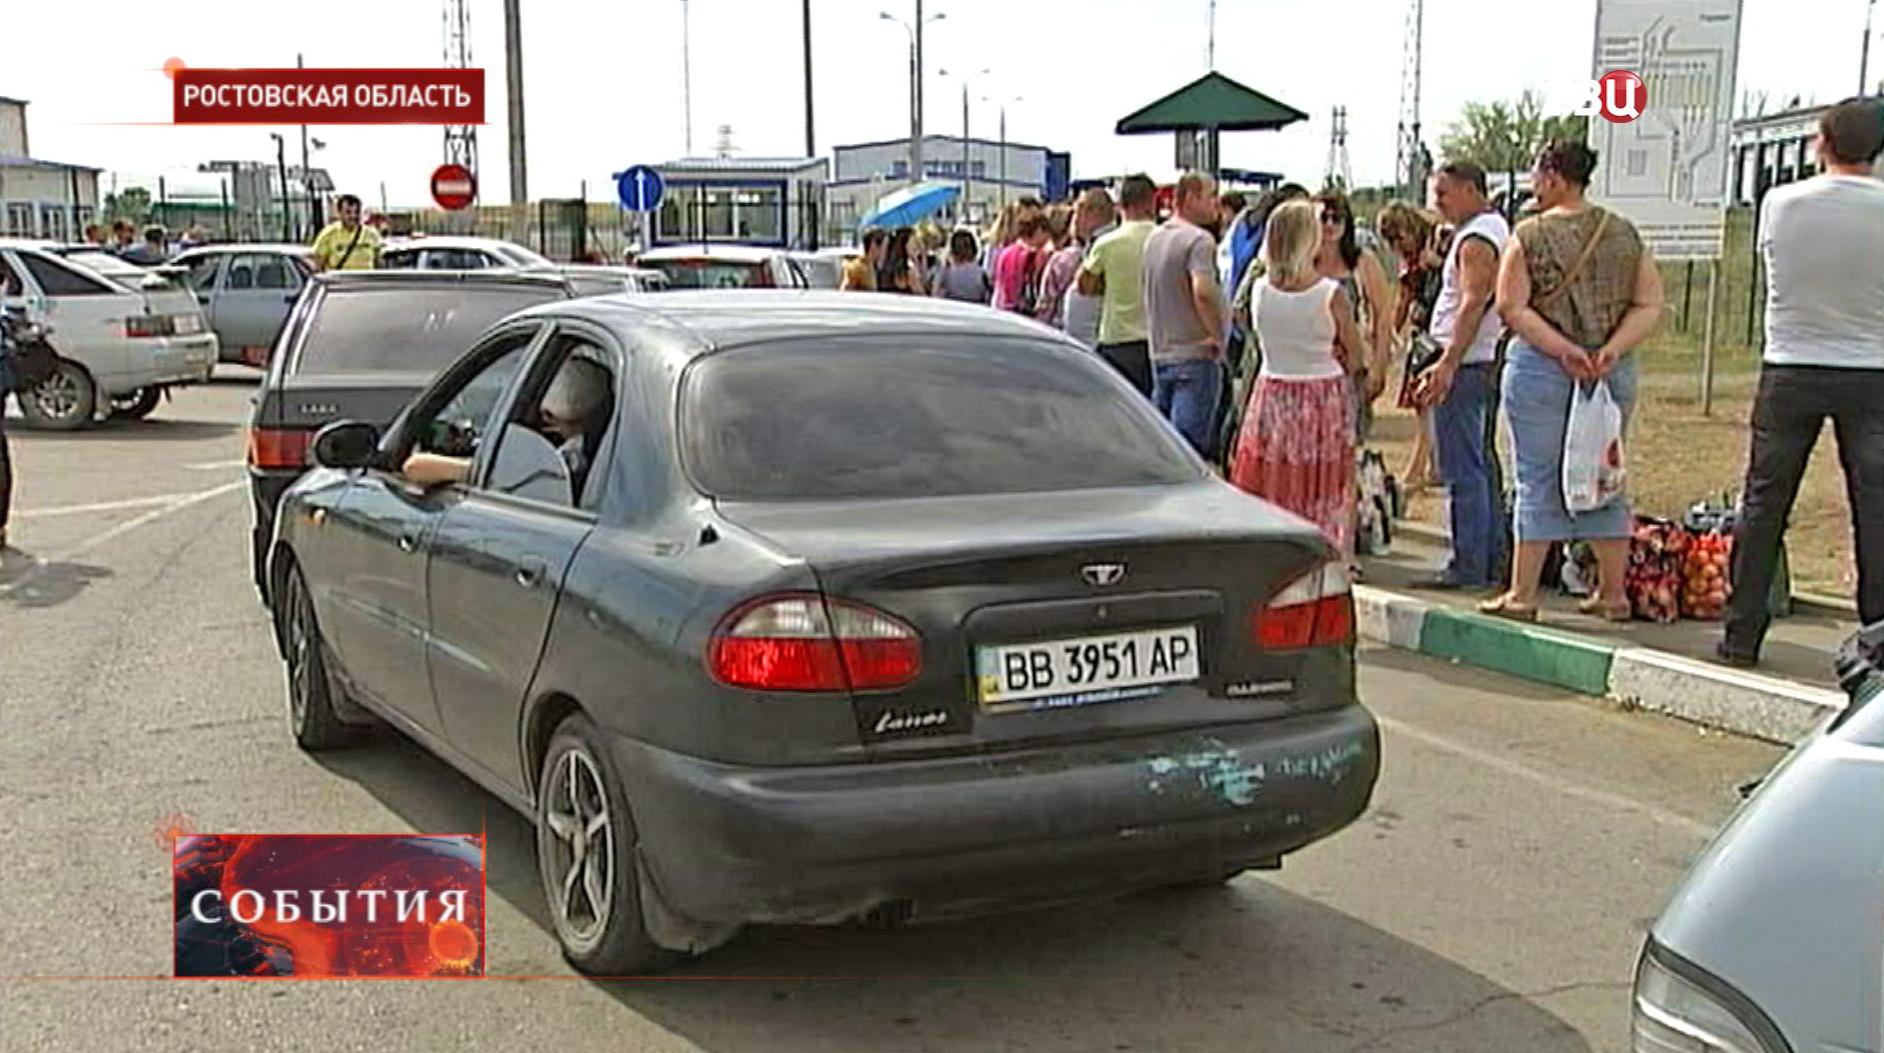 Пограничный пункт пропуска на российско-украинской границе